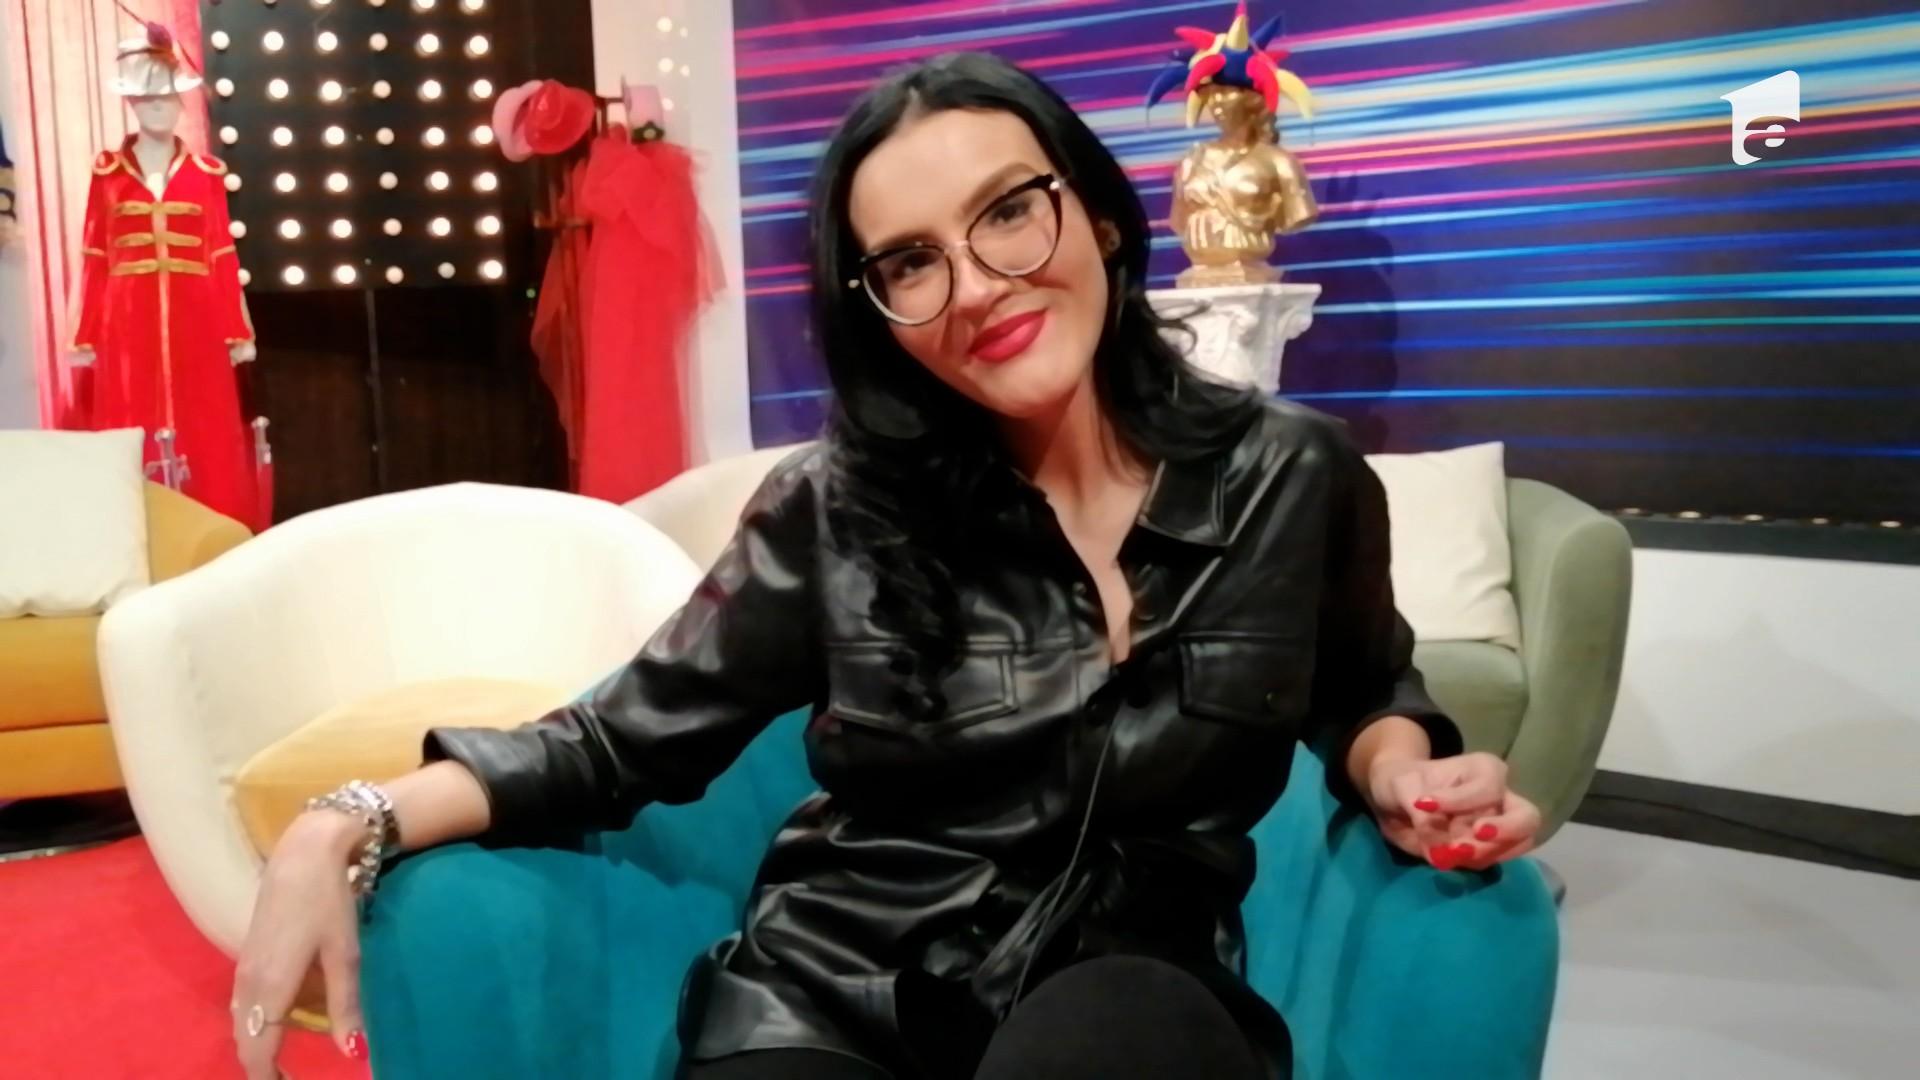 Interviu cu cea mai înaltă concurentă iUmor, Gabriela Porumbacu